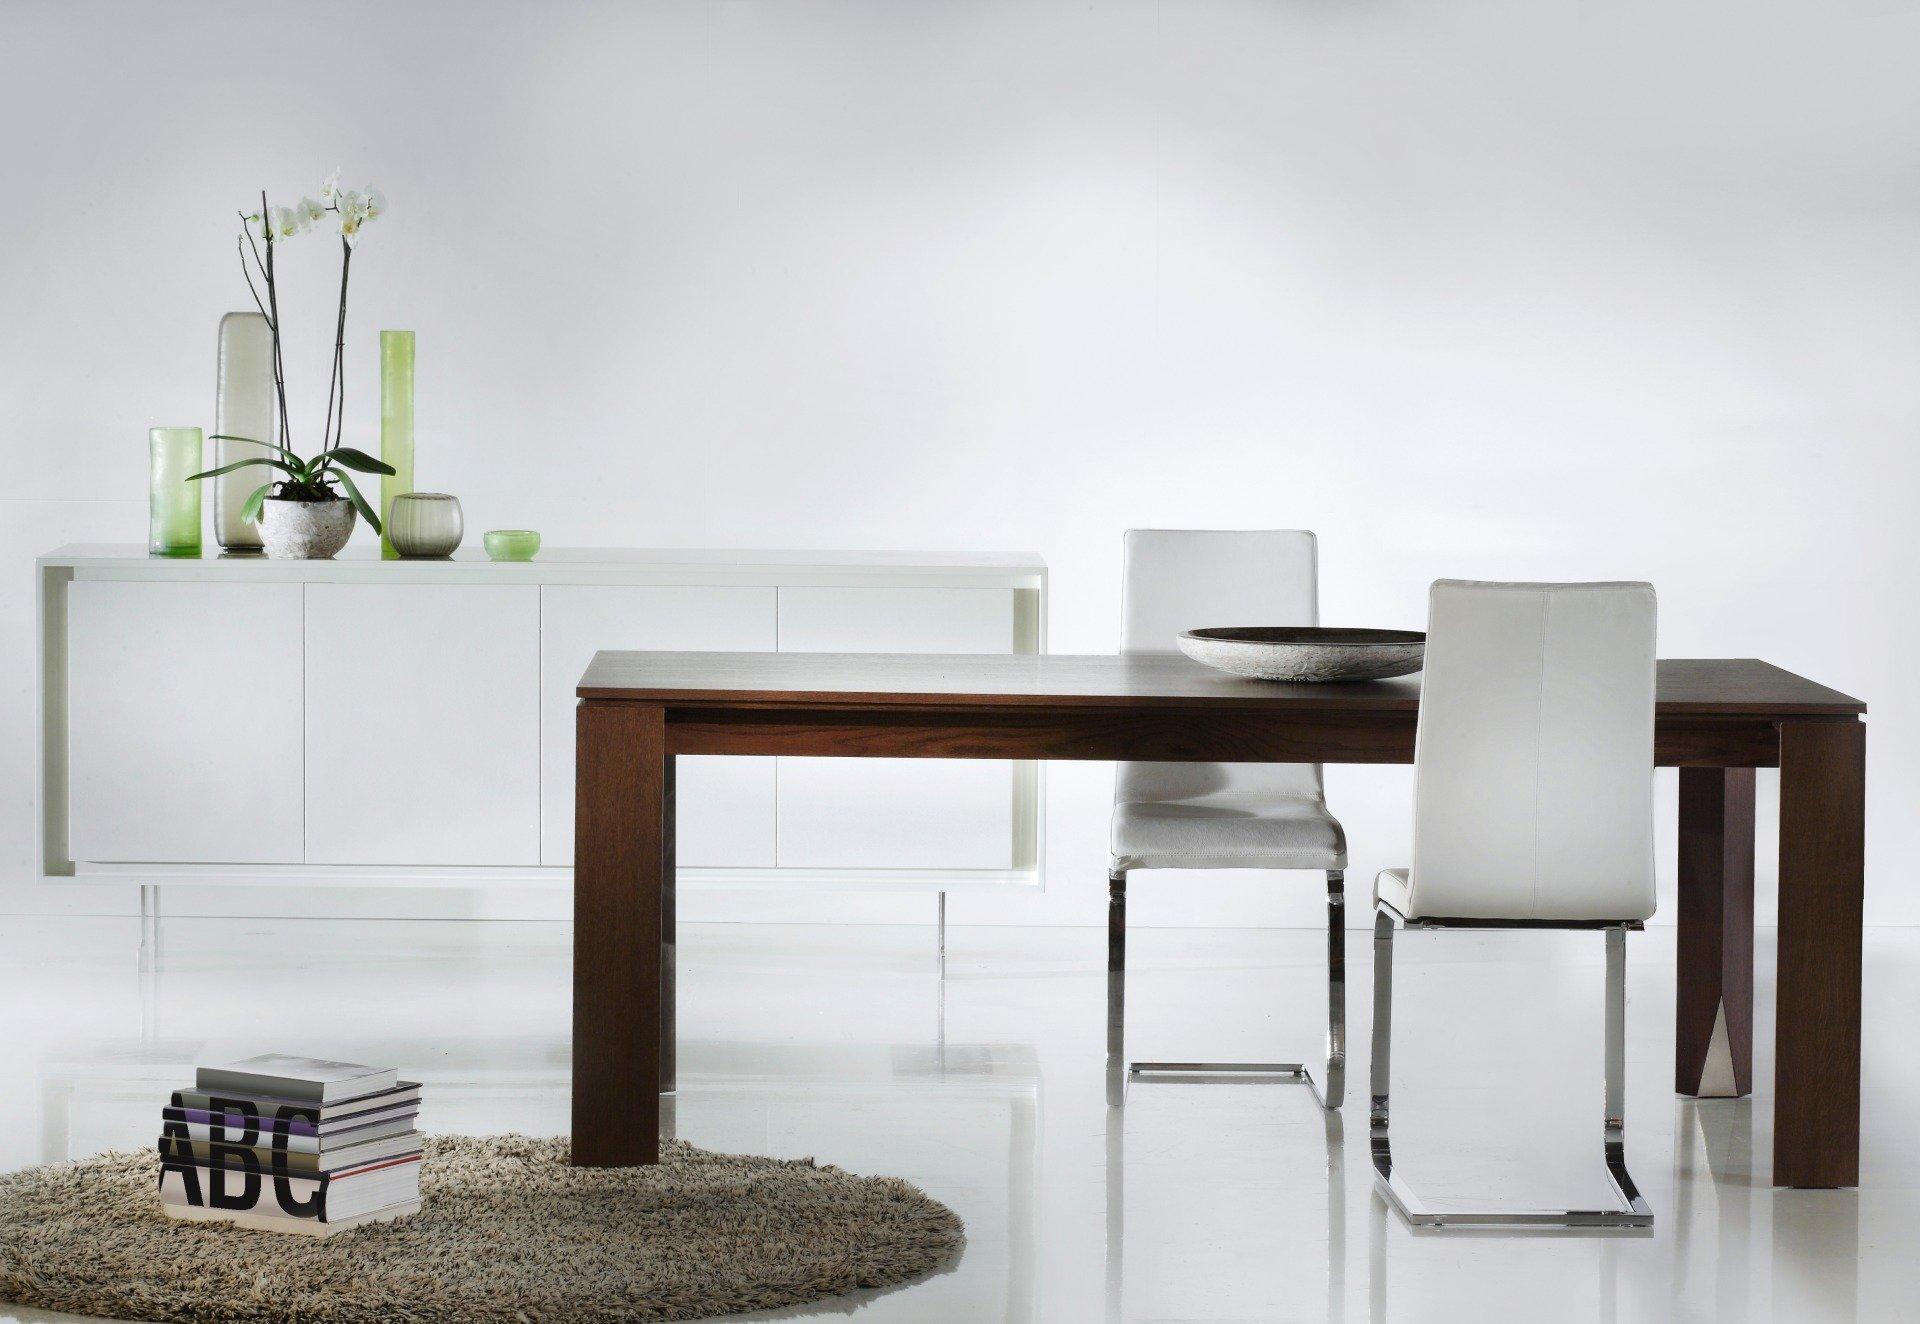 Vendita divani e poltrone verona ambienti smith for Sedie design verona